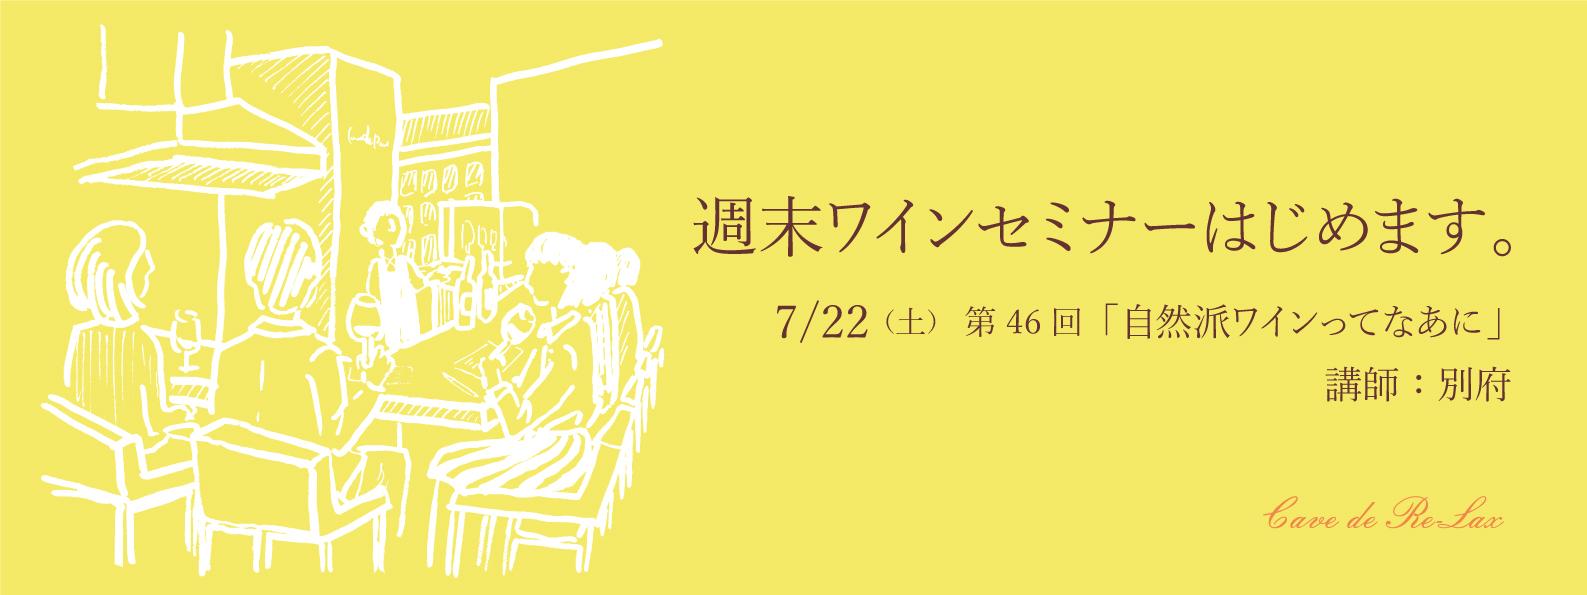 17.7.22別府セミナー-Web